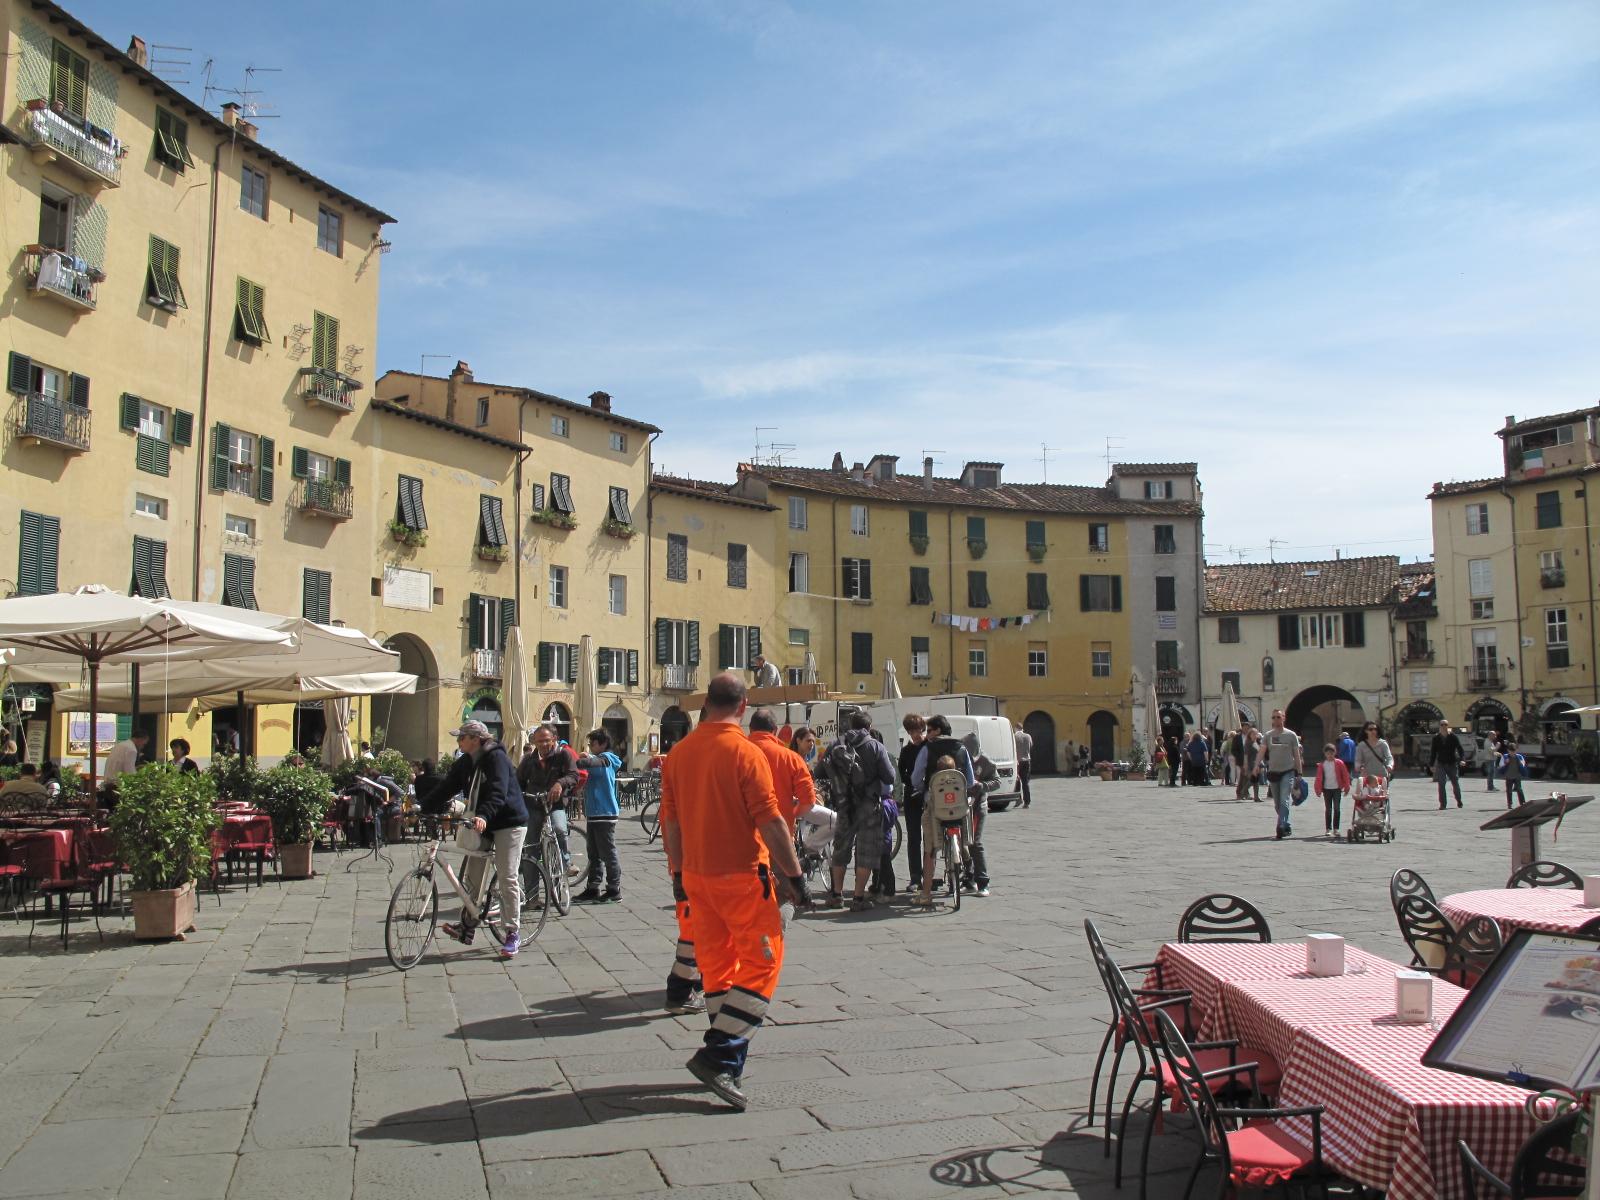 Lucca's Piazza Anfiteatro